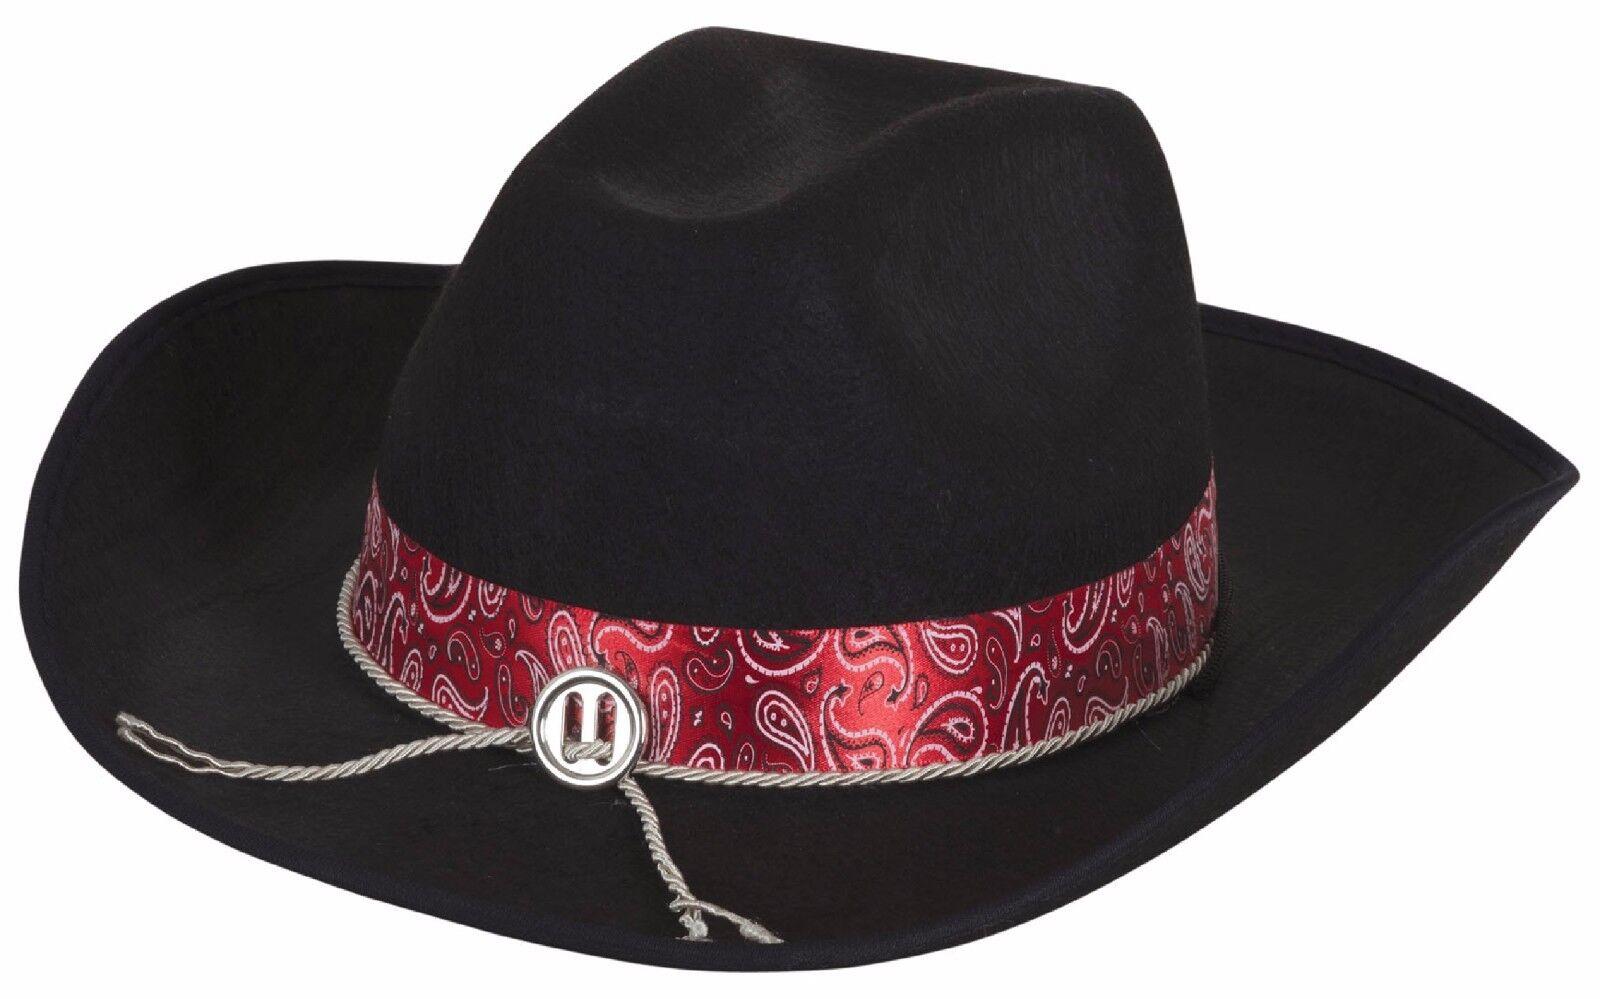 Adultos damas Mens negro vaquero oeste salvaje oeste disfraces traje  sombrero a9f734b011d